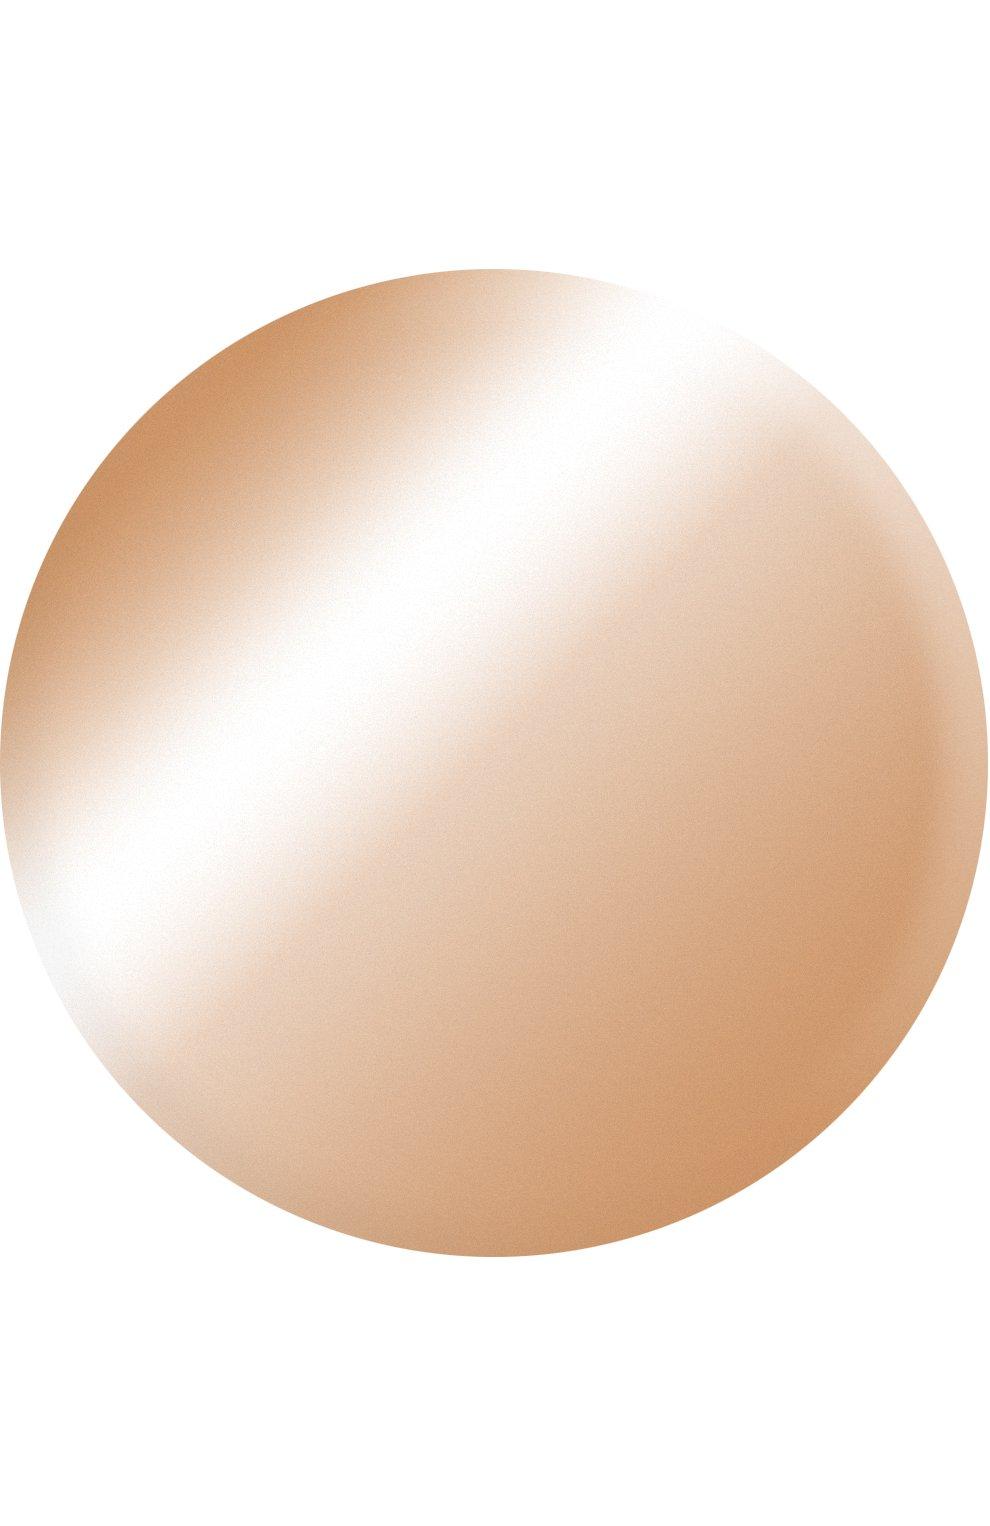 Женская прозрачная матирующая компактная пудра i60 SHISEIDO бесцветного цвета, арт. 10355SH | Фото 2